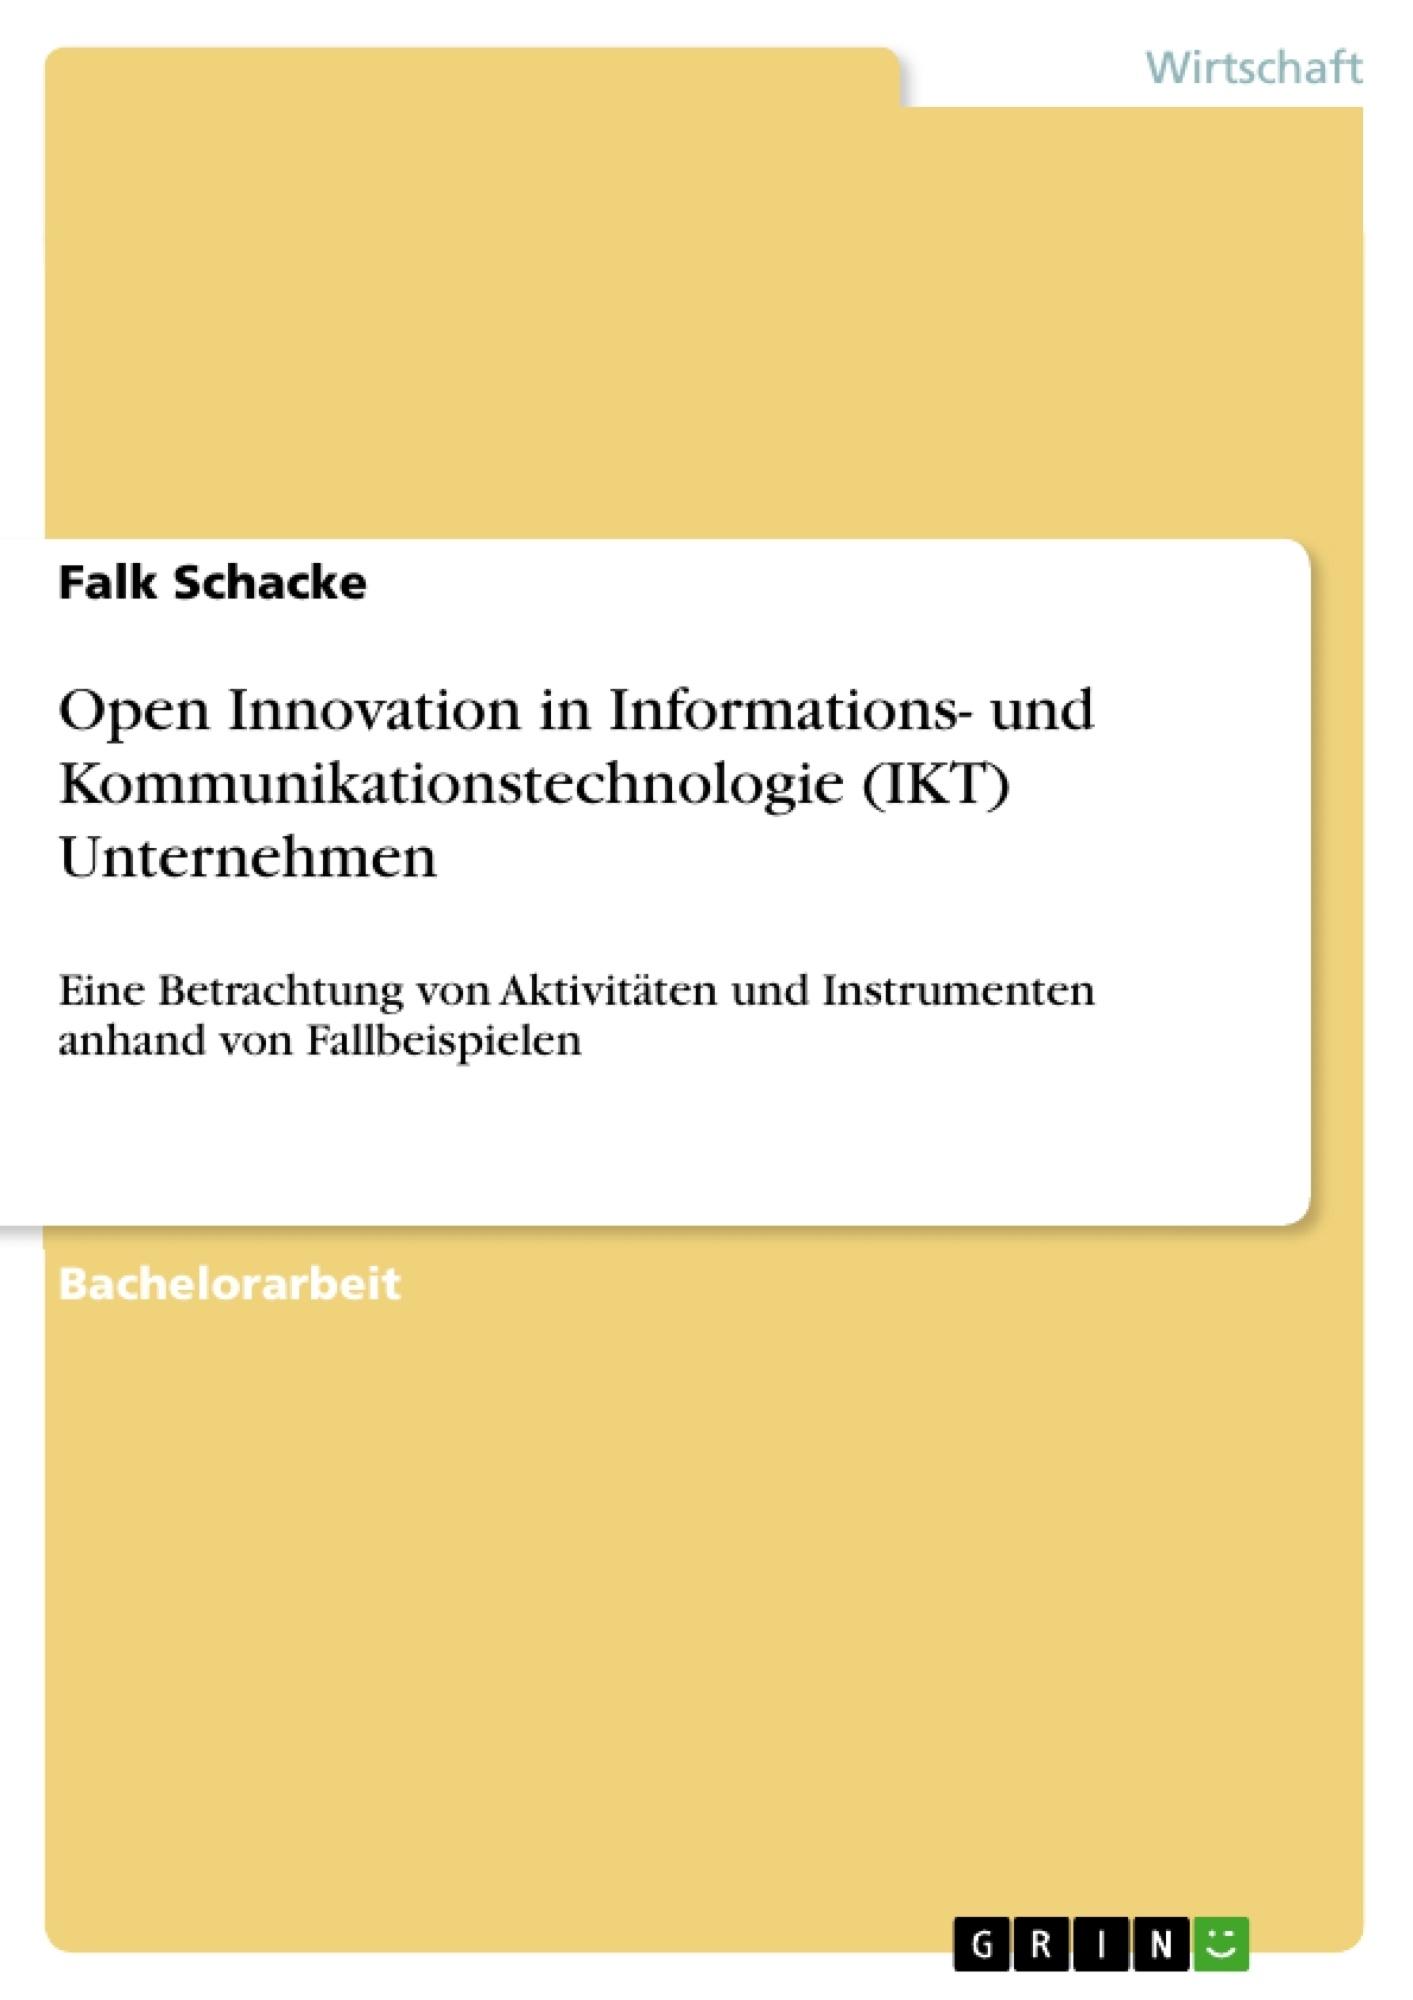 Titel: Open Innovation in Informations- und Kommunikationstechnologie (IKT) Unternehmen